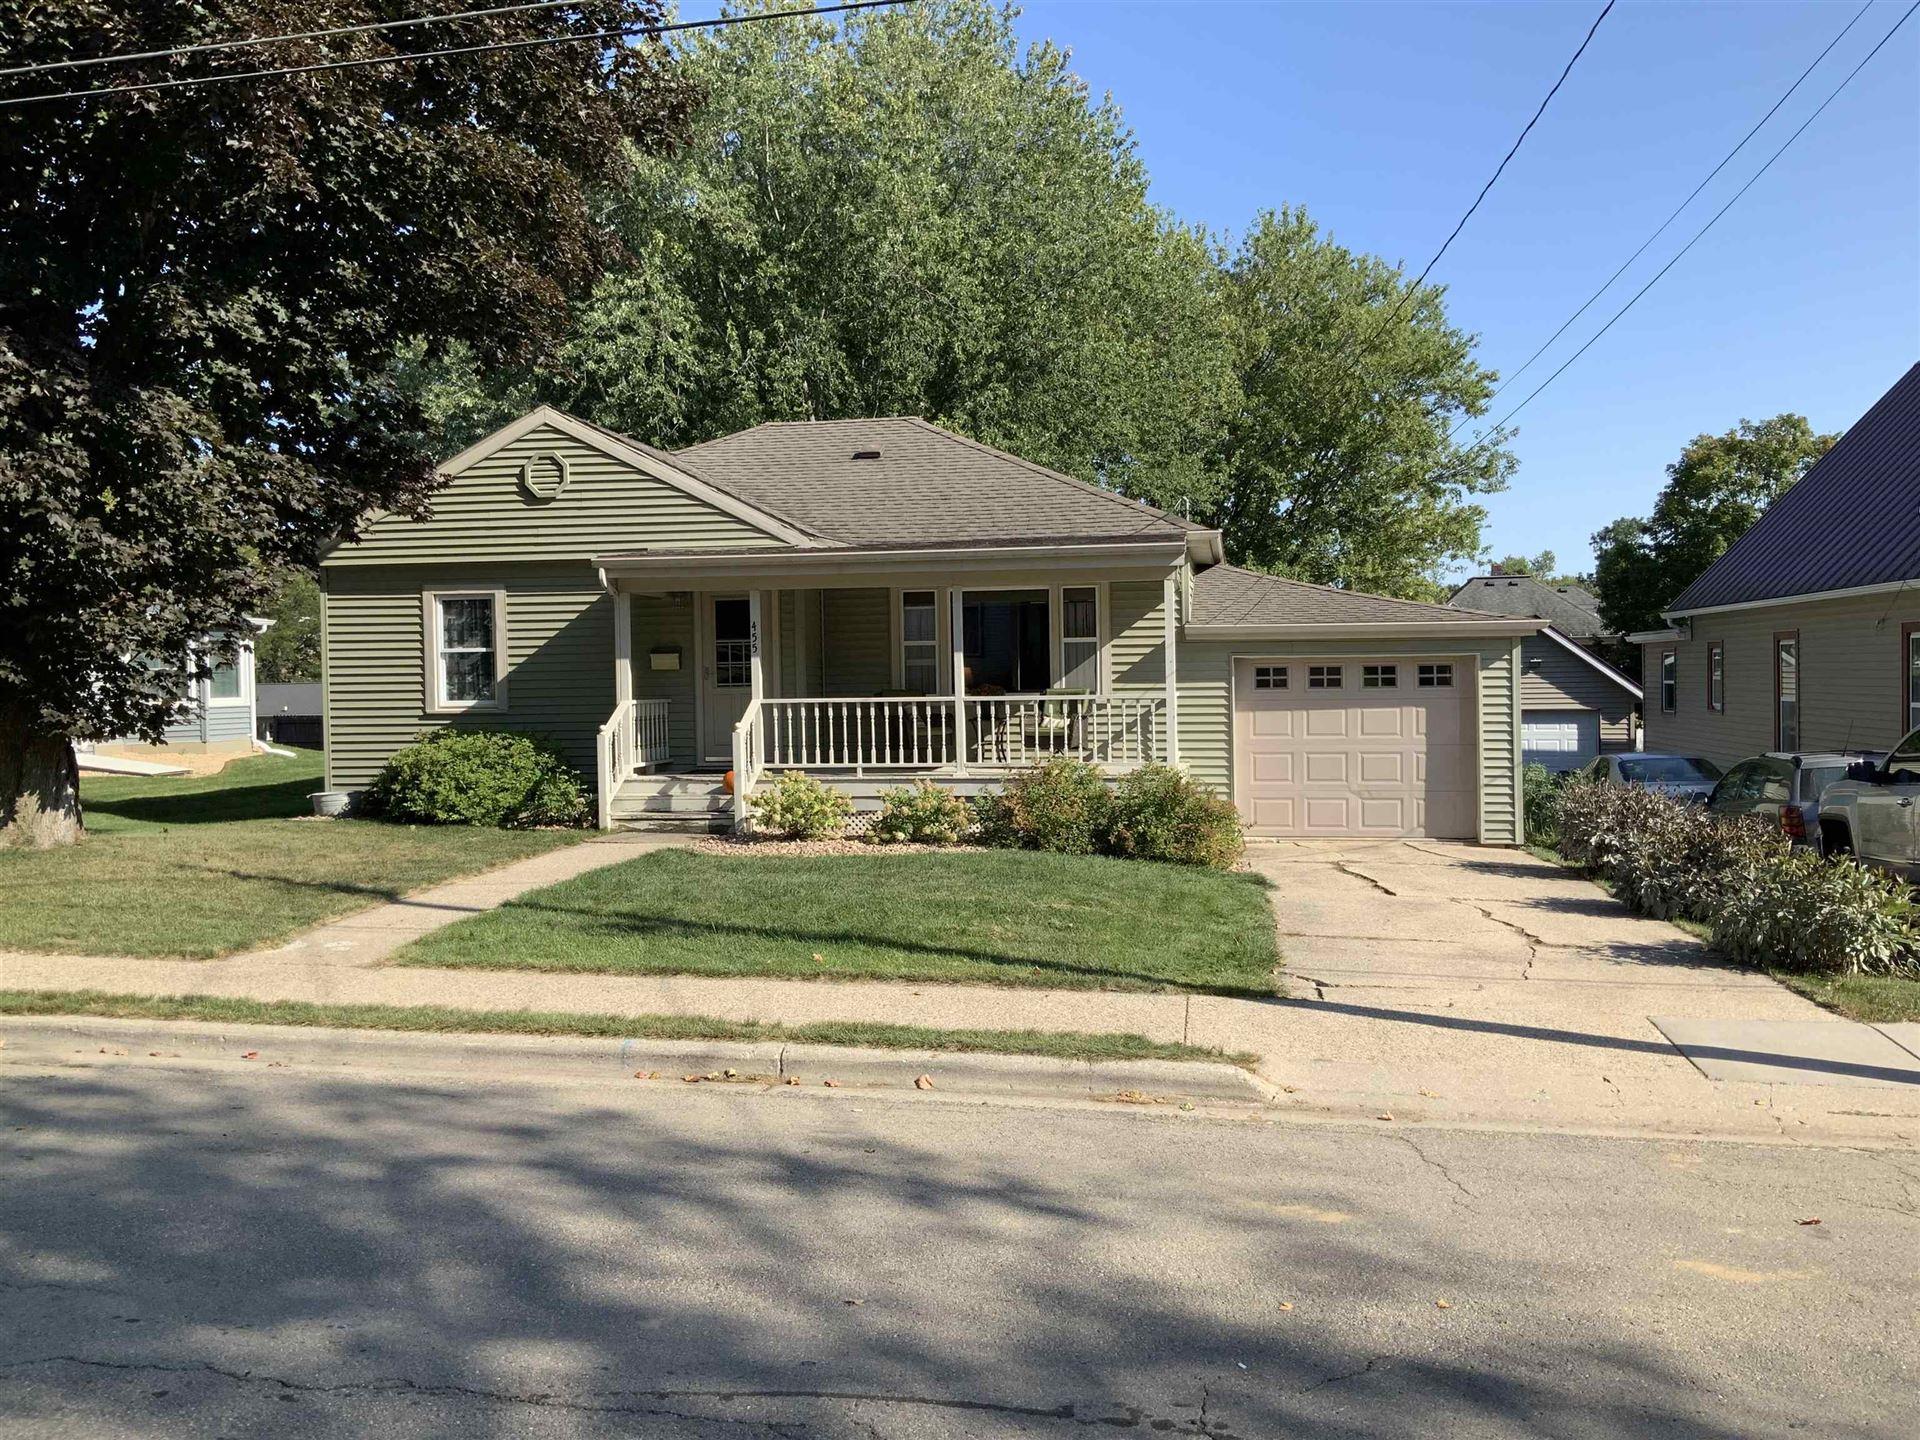 455 Jefferson St, Platteville, WI 53818 - #: 1920096